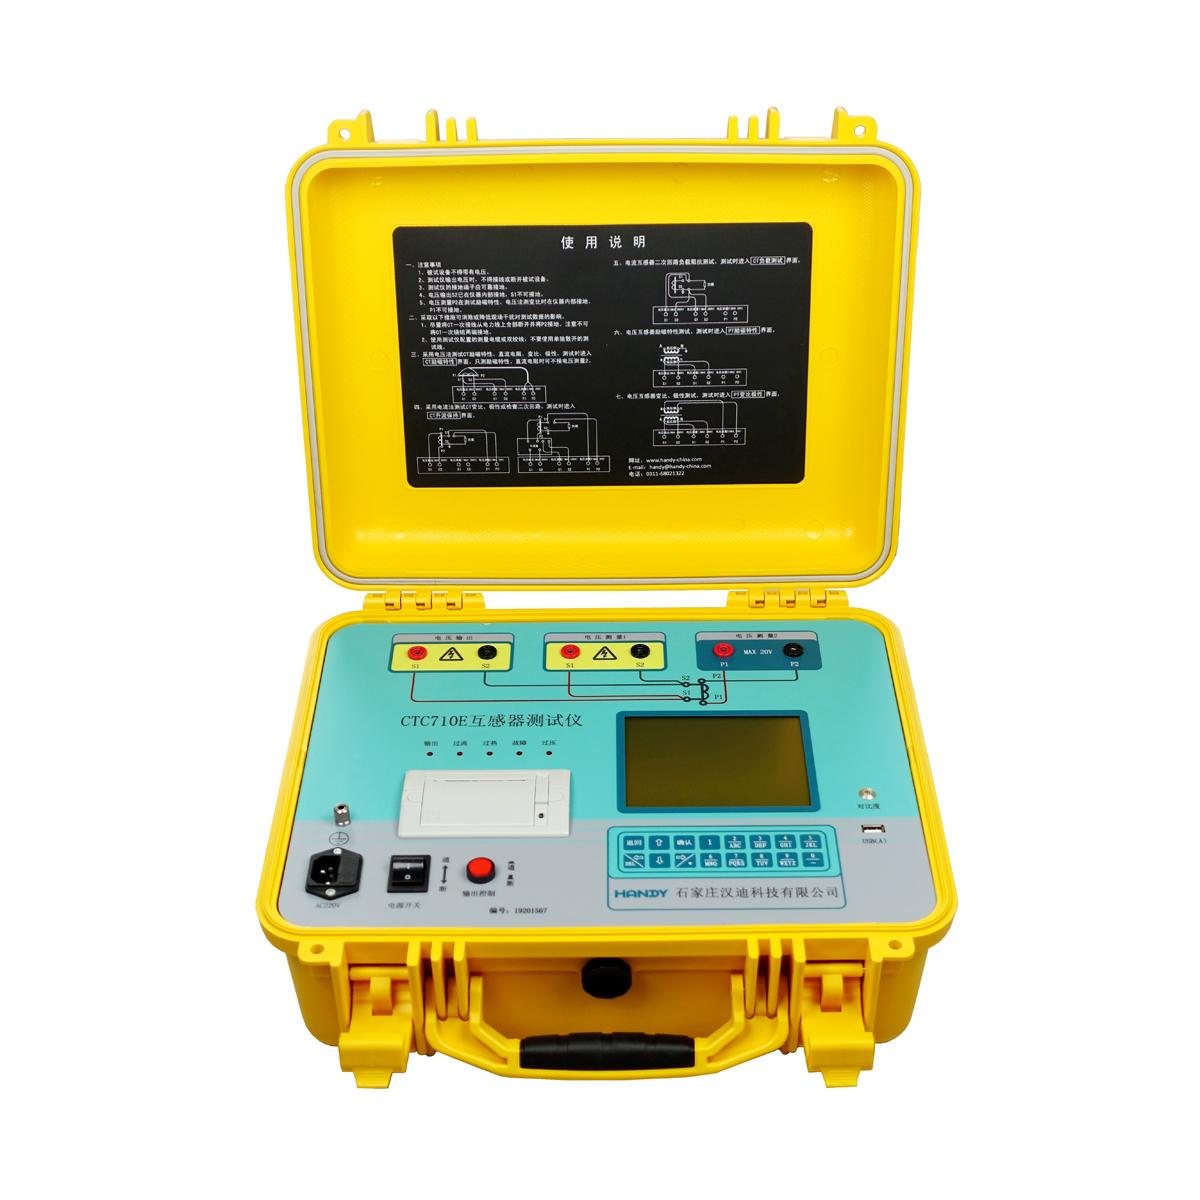 CTC710E互感器测试仪(低频法)